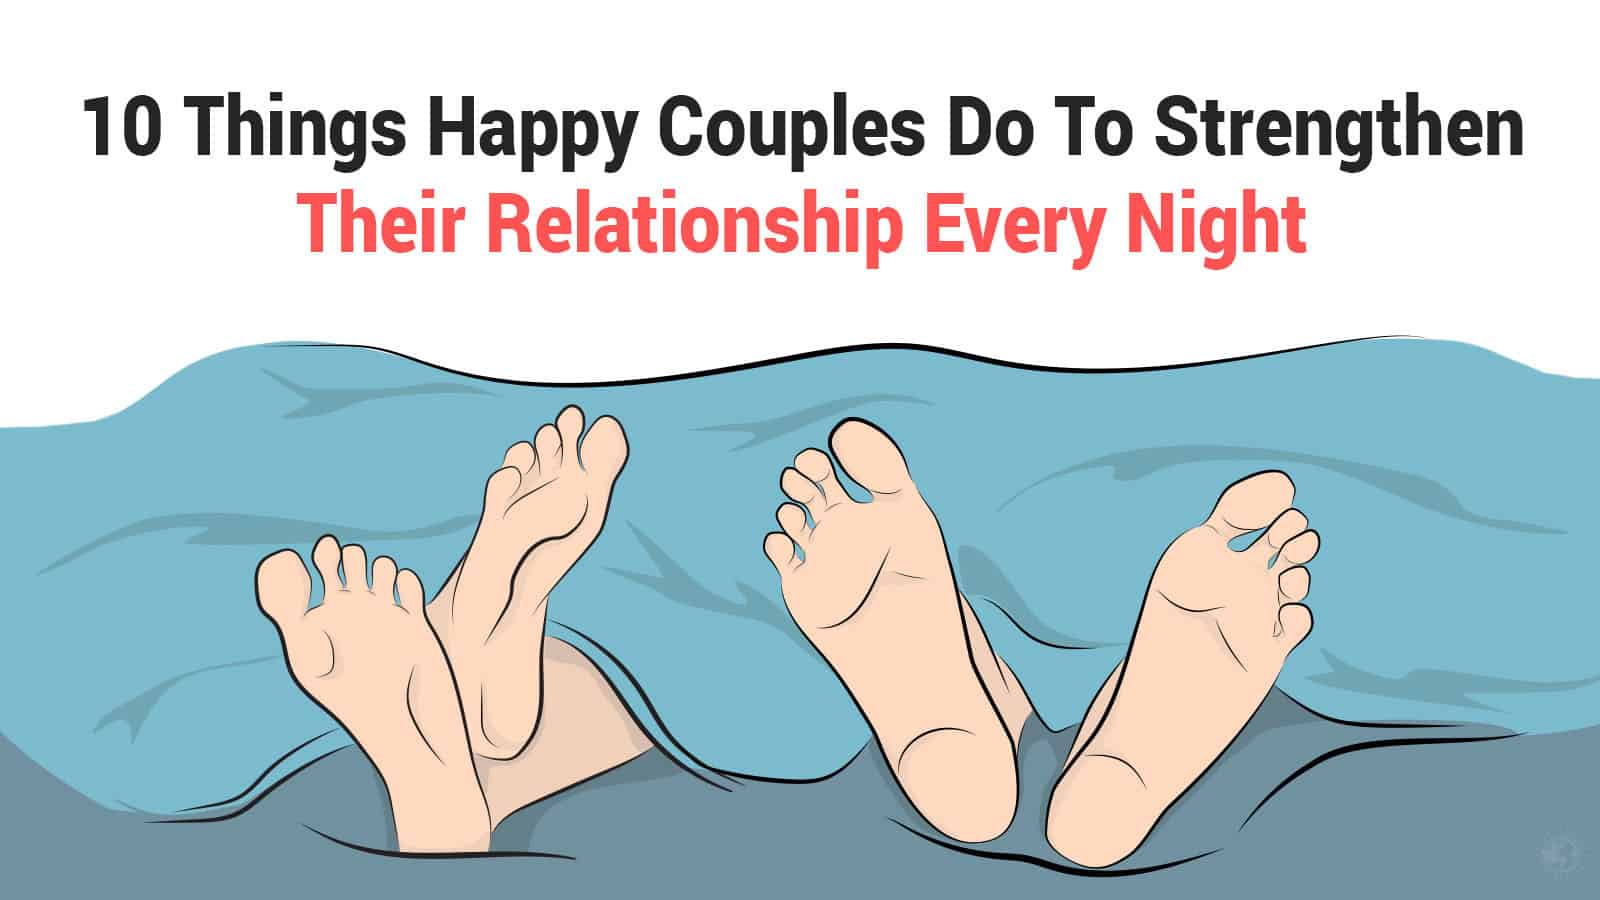 happy couples